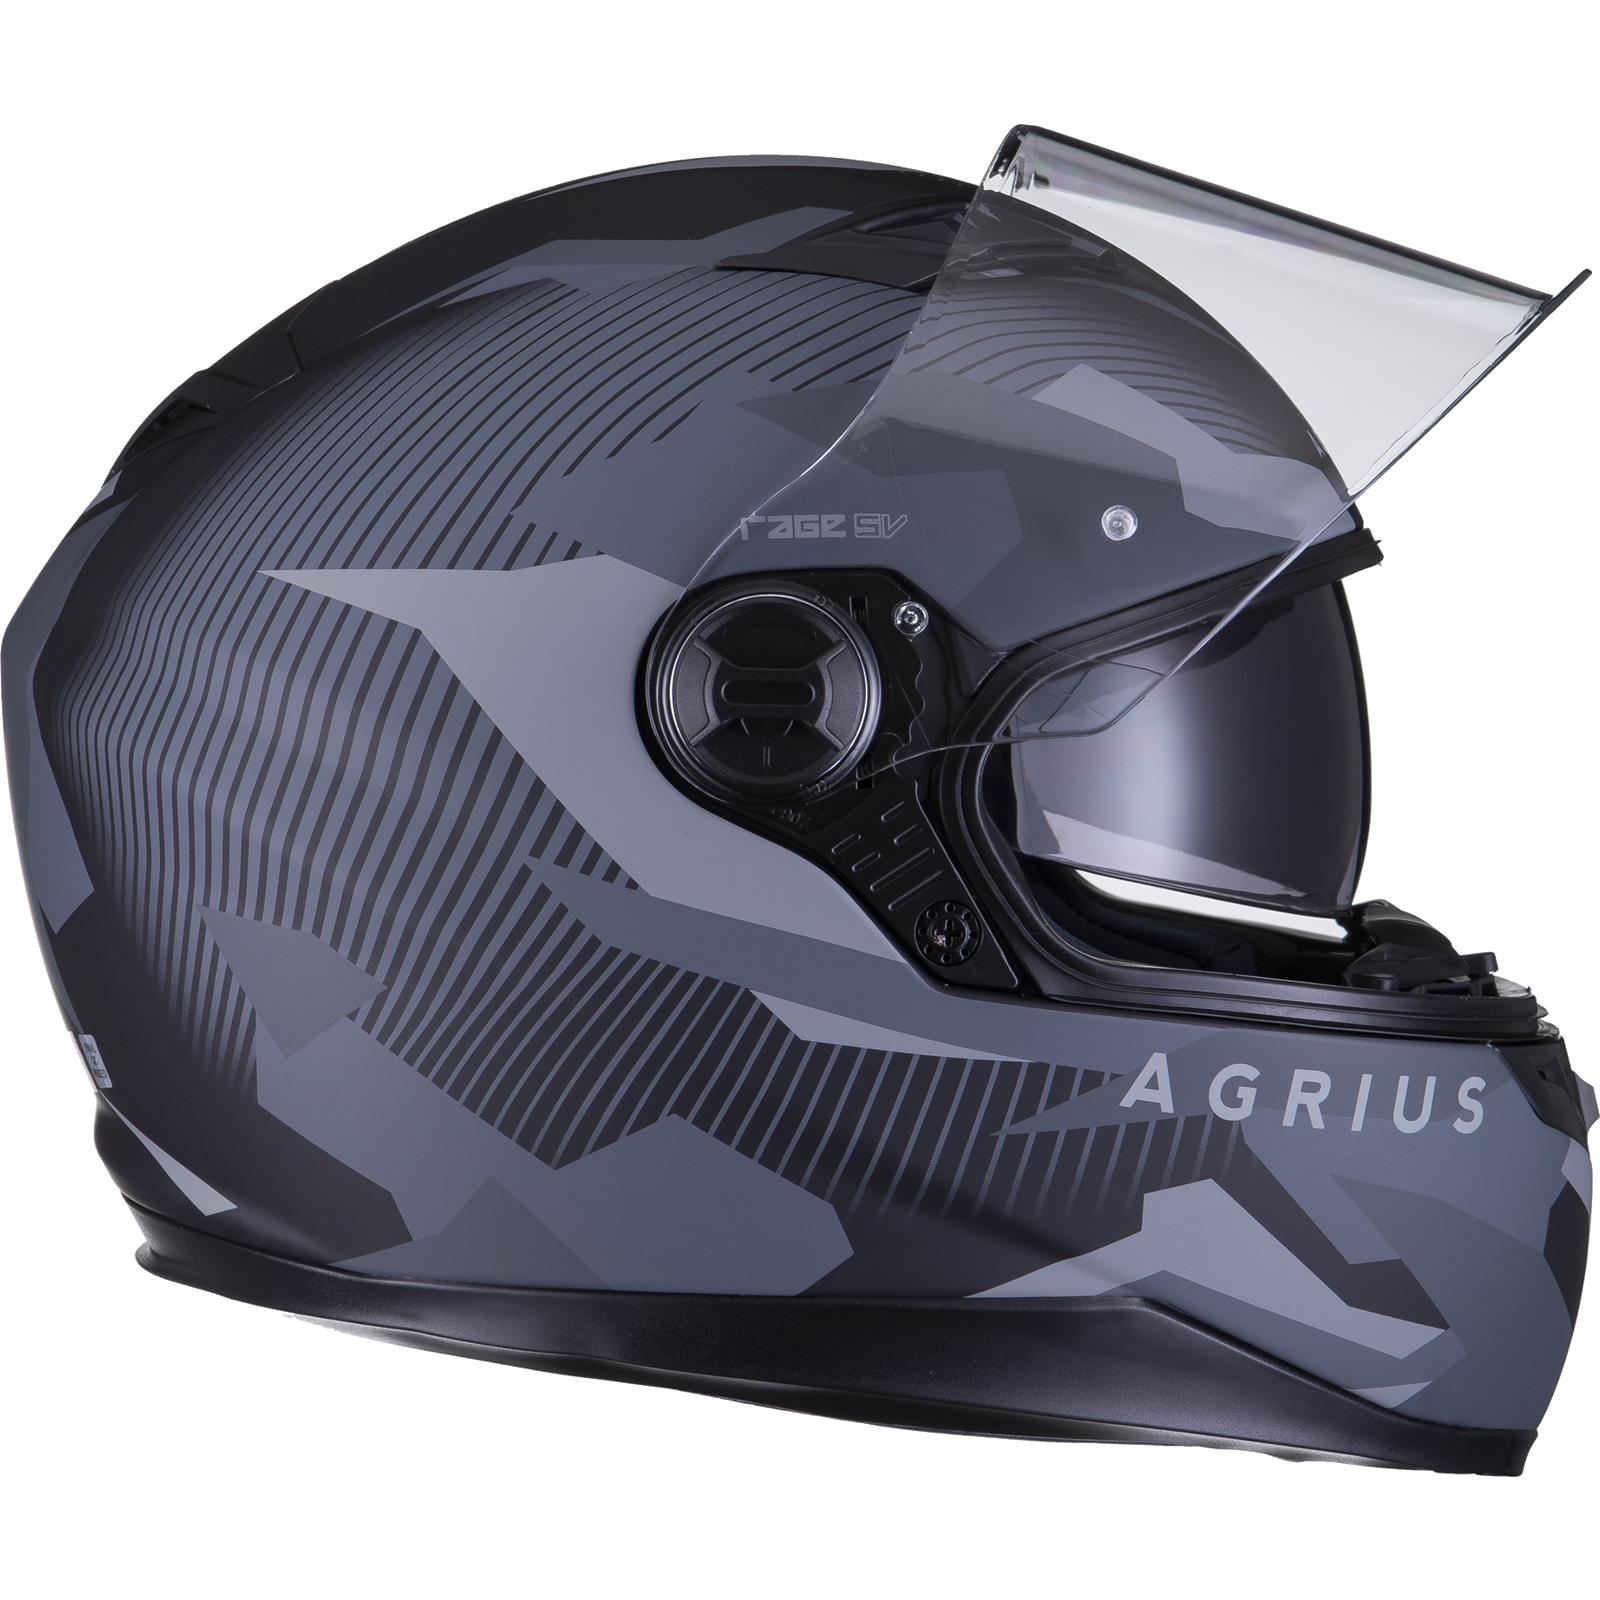 Agrius-Rage-SV-Tracker-Full-Face-Motorcycle-Matt-Helmet-bike-Road-Bike-Scooter thumbnail 21